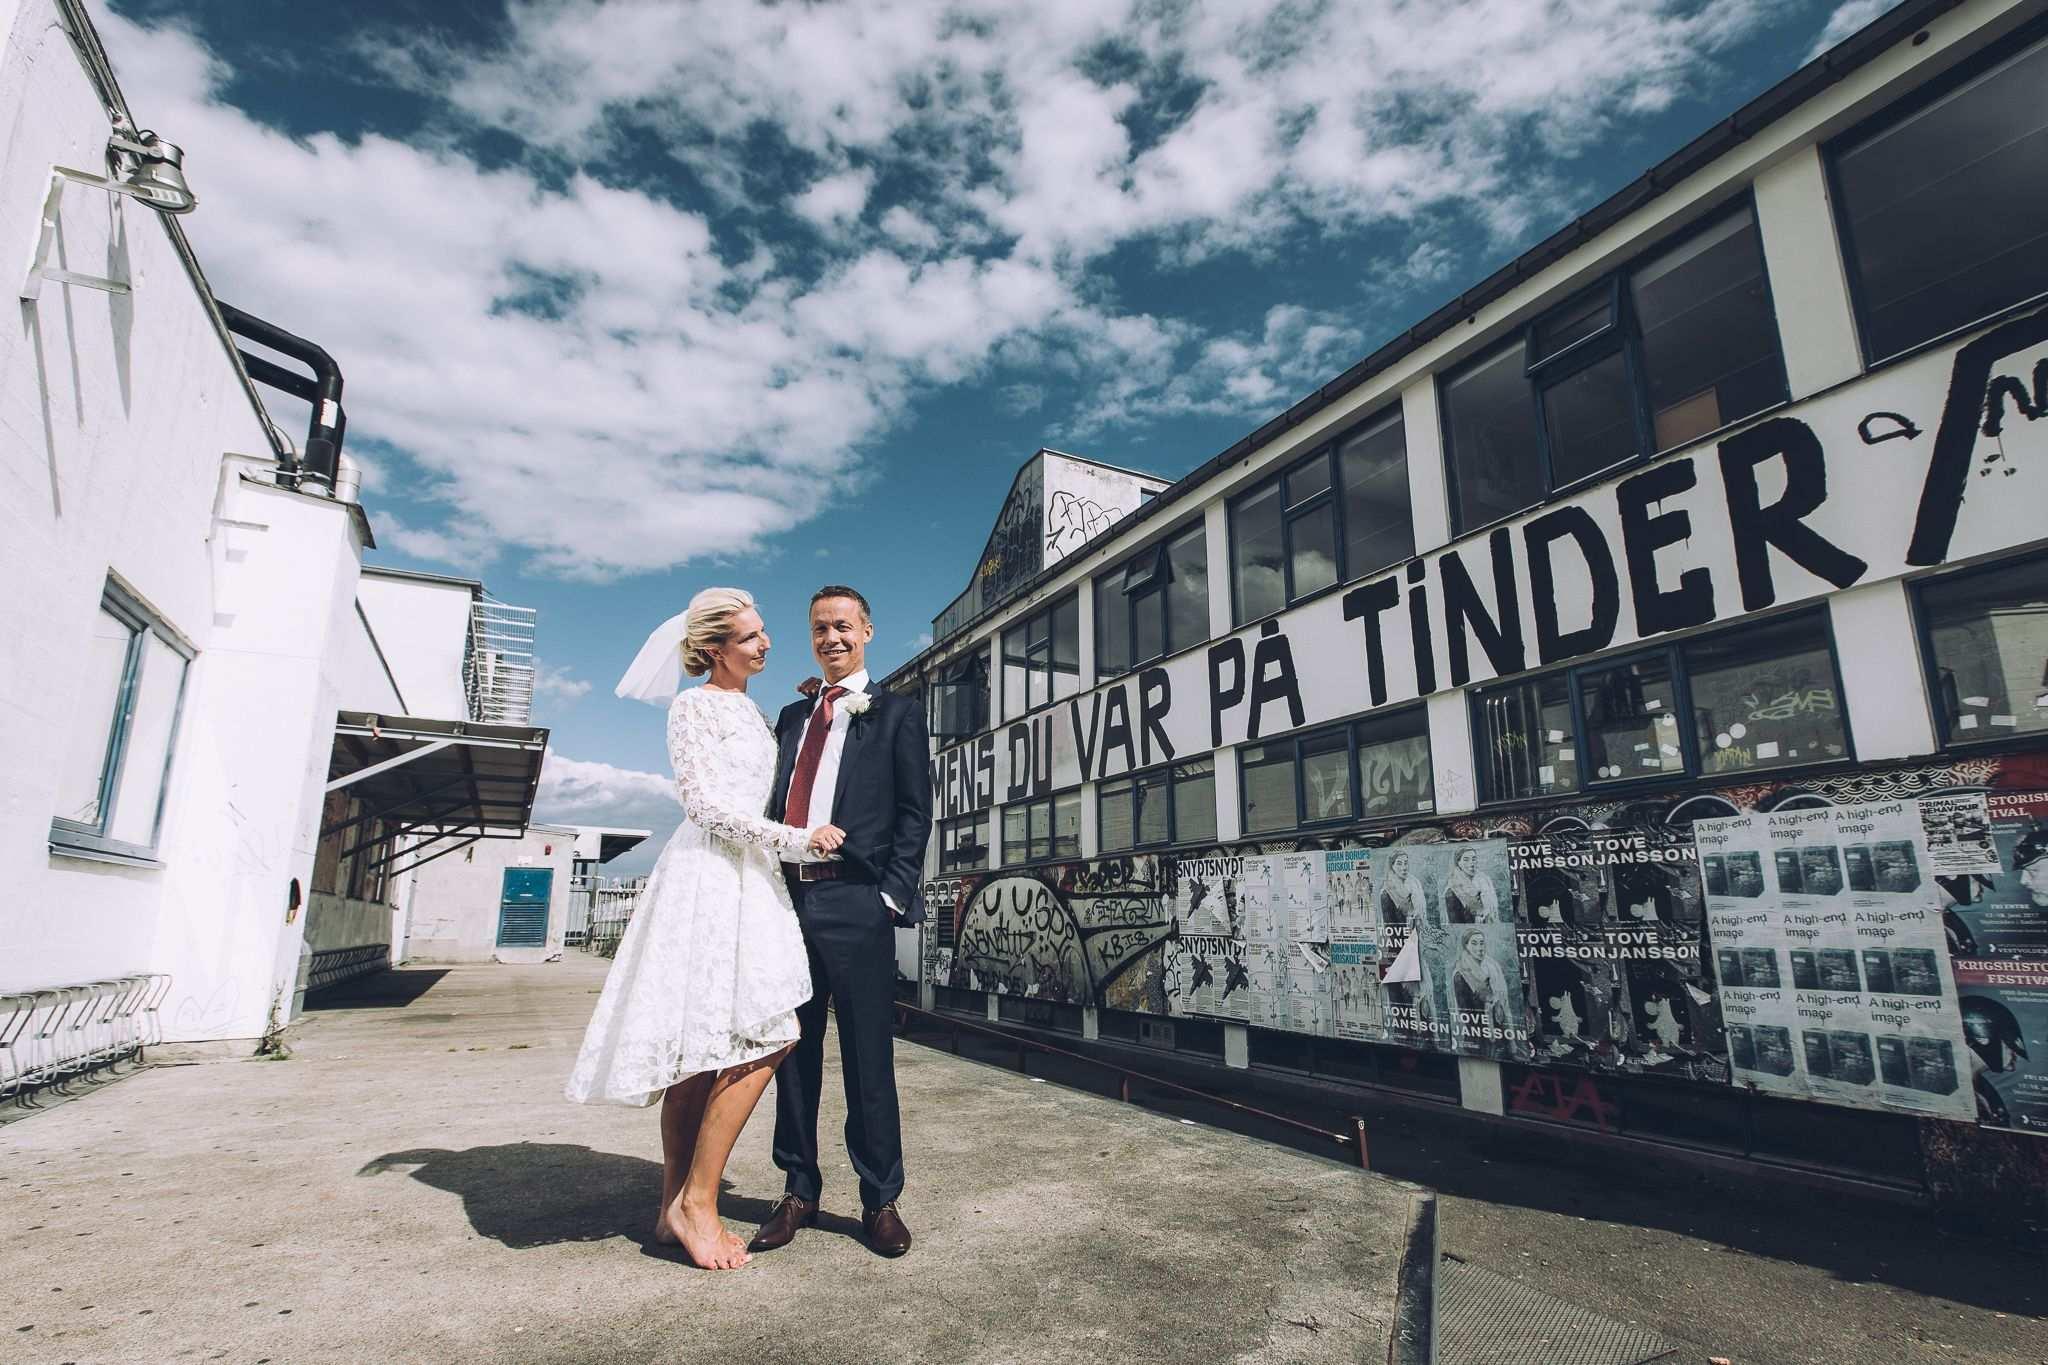 mads_eneqvist_weddings_by_me_bryllupsbilleder_forside_6_compressed Forside